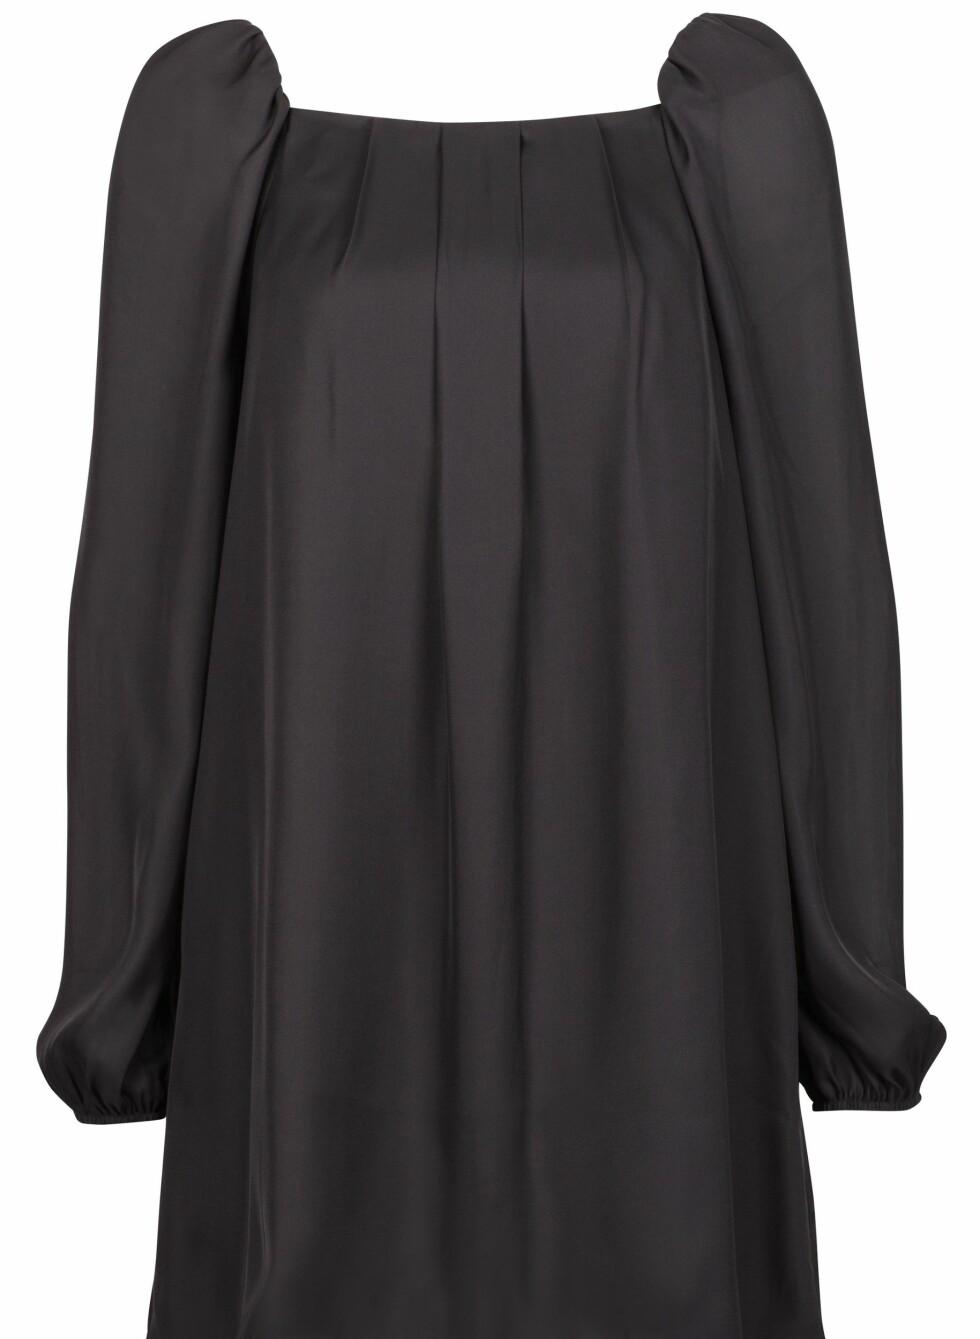 299 KRONER: Perfekt svart partykjole som blir rocka med belte i livet.  Foto: Produsenten